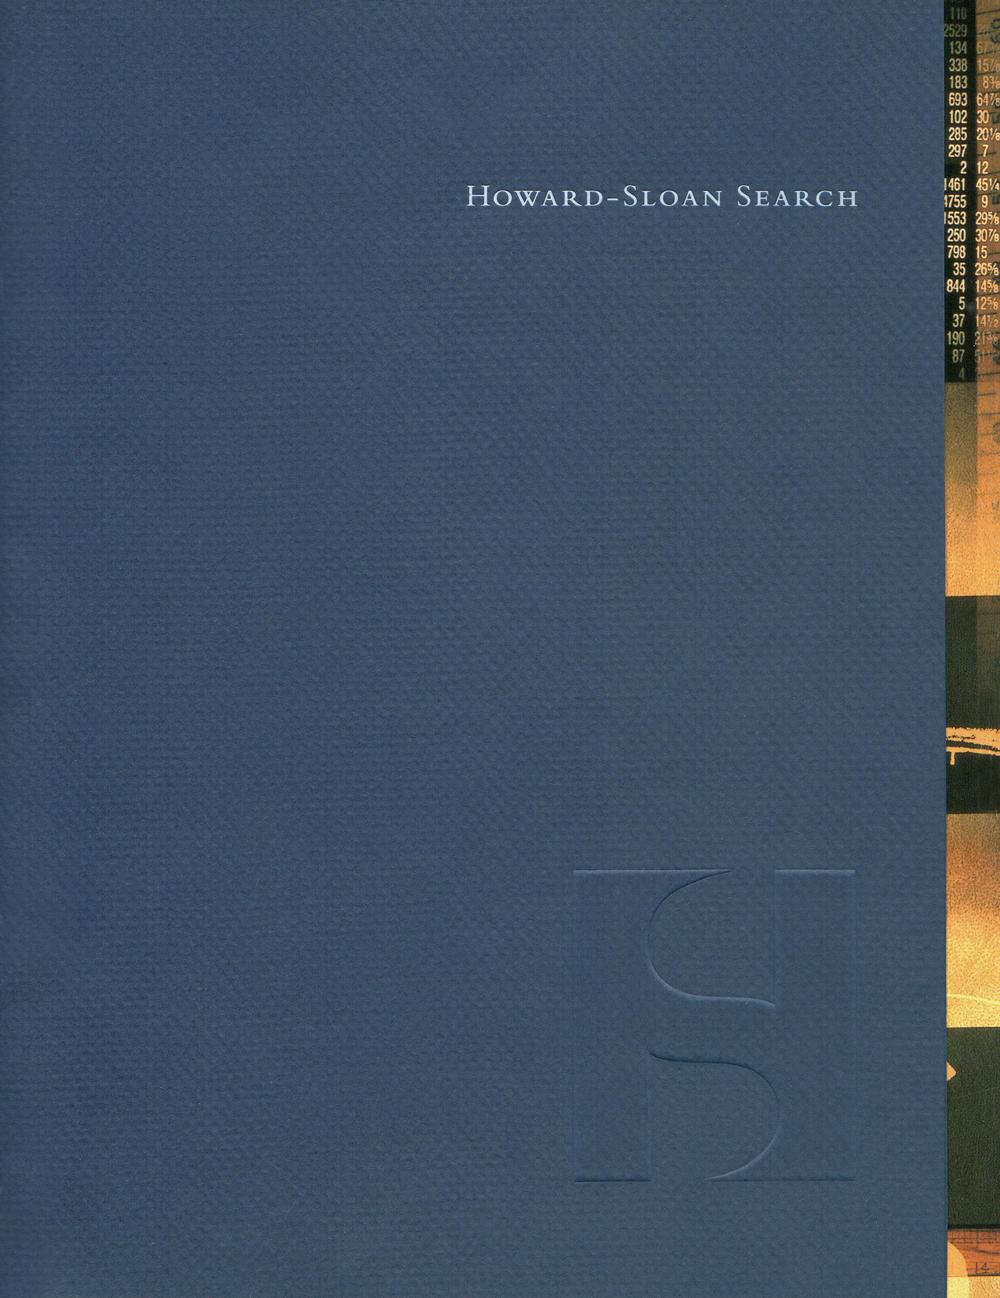 Howard-Sloan-brochure